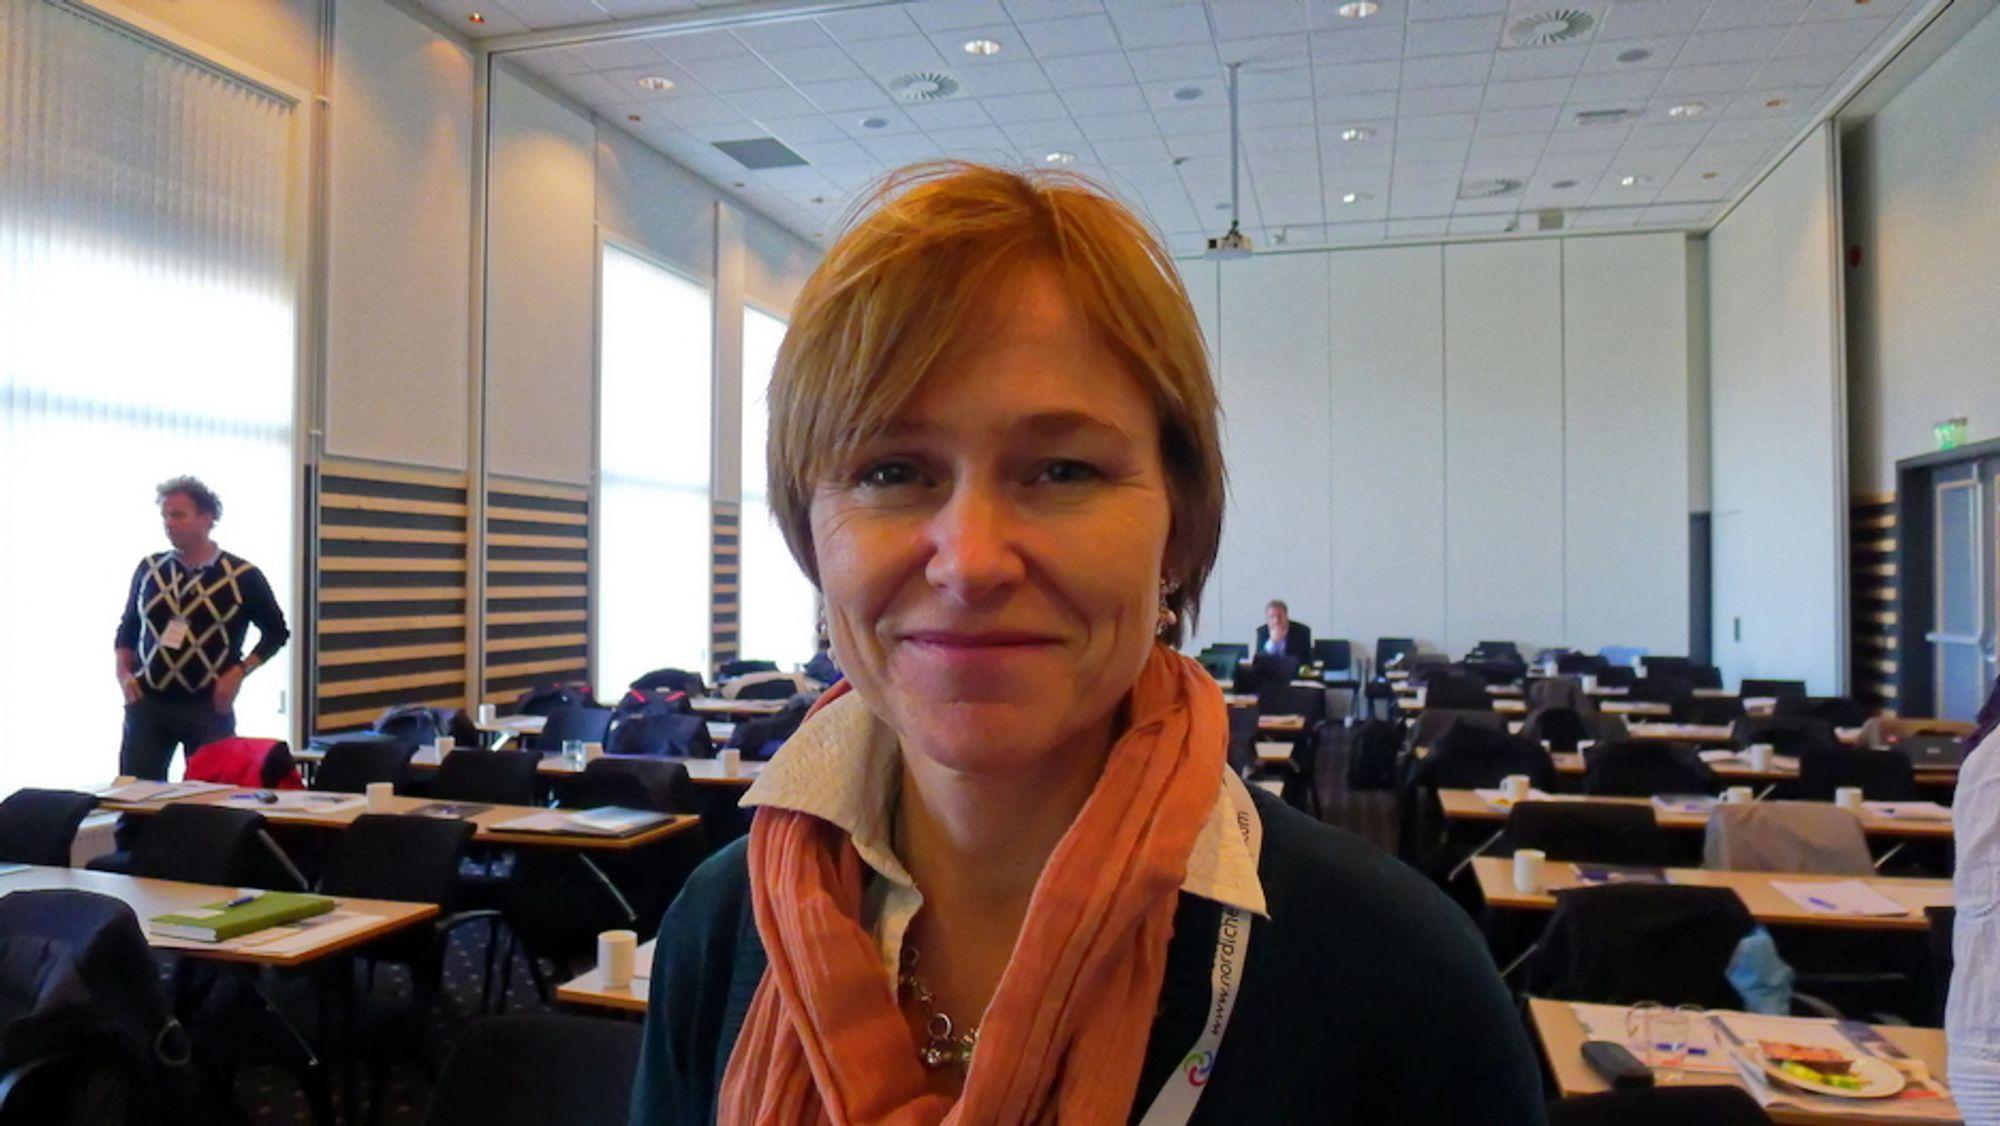 Monica Havskjold, er avdelingsleder for miljø, energi og teknikk hos Erichsen & Horgen. Hun liker rehab-prosjektet i Sverige, men stiller spørsmål ved bruken av hydrogen, og at de har gått off-grid.